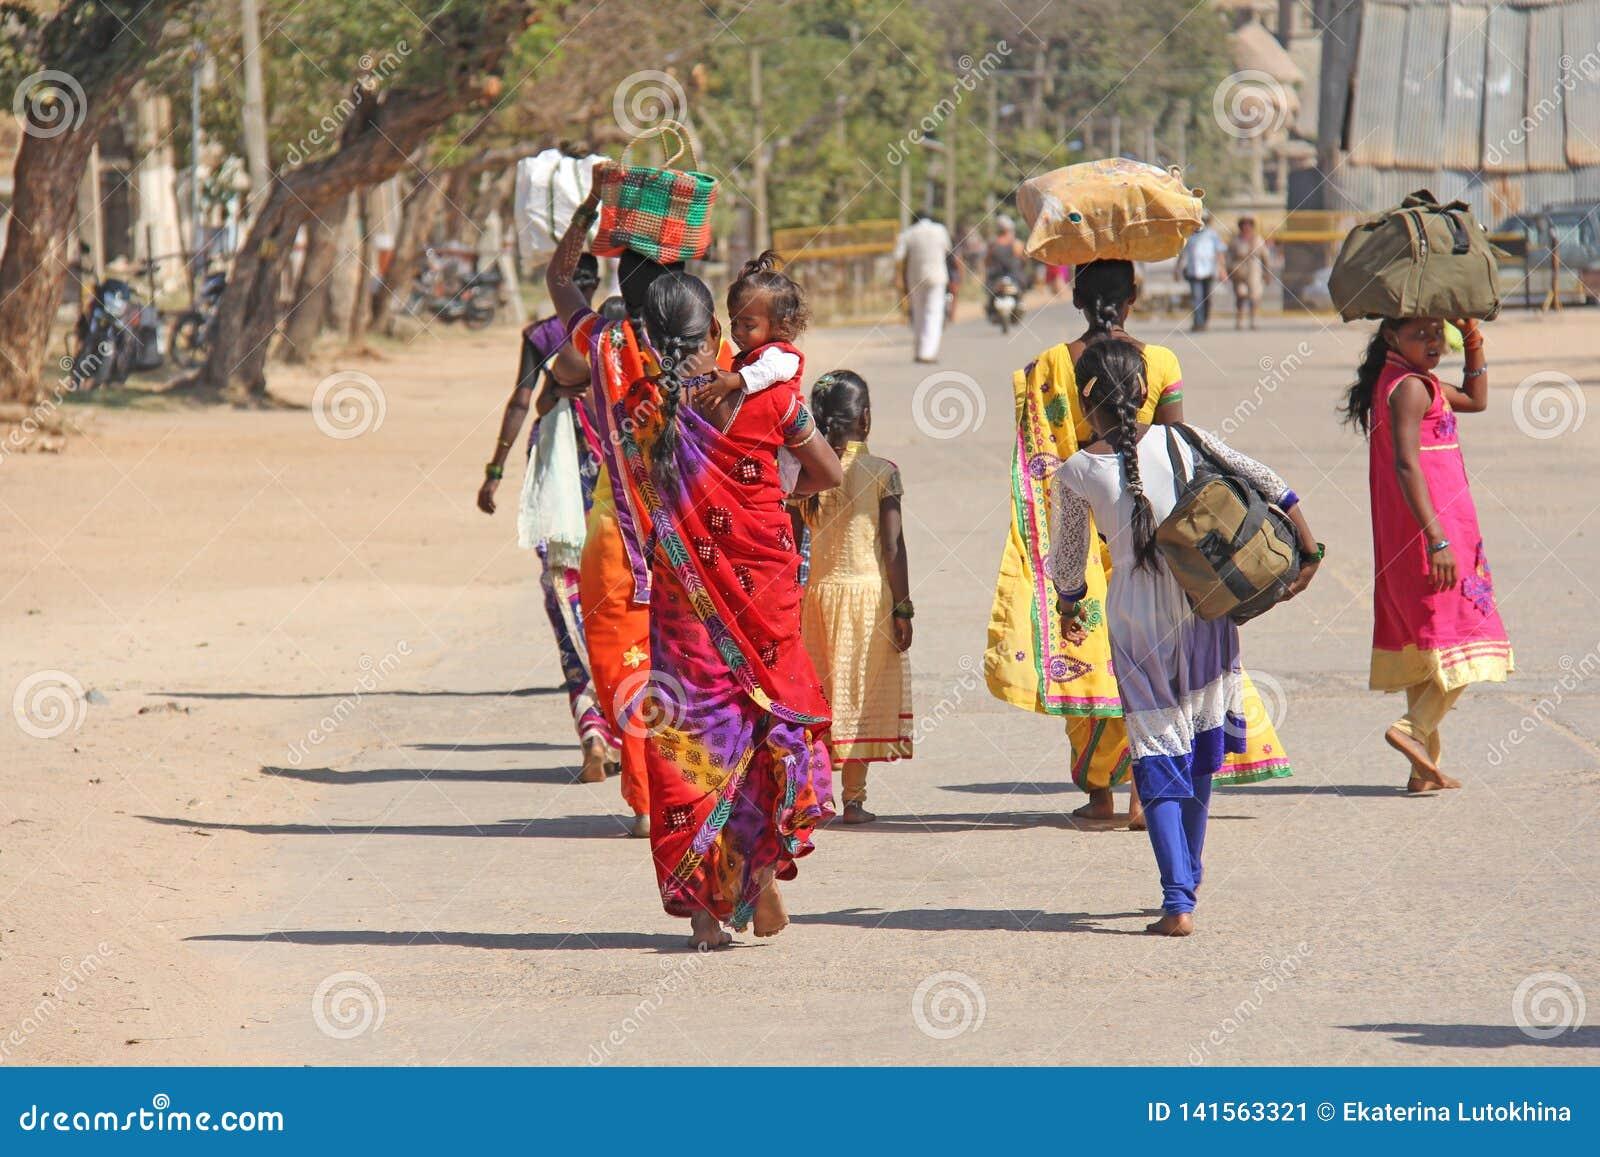 印度 亨比- 2018年2月1日 印度男人和妇女人群从后面在莎丽服在印度的街道上 明亮的颜色